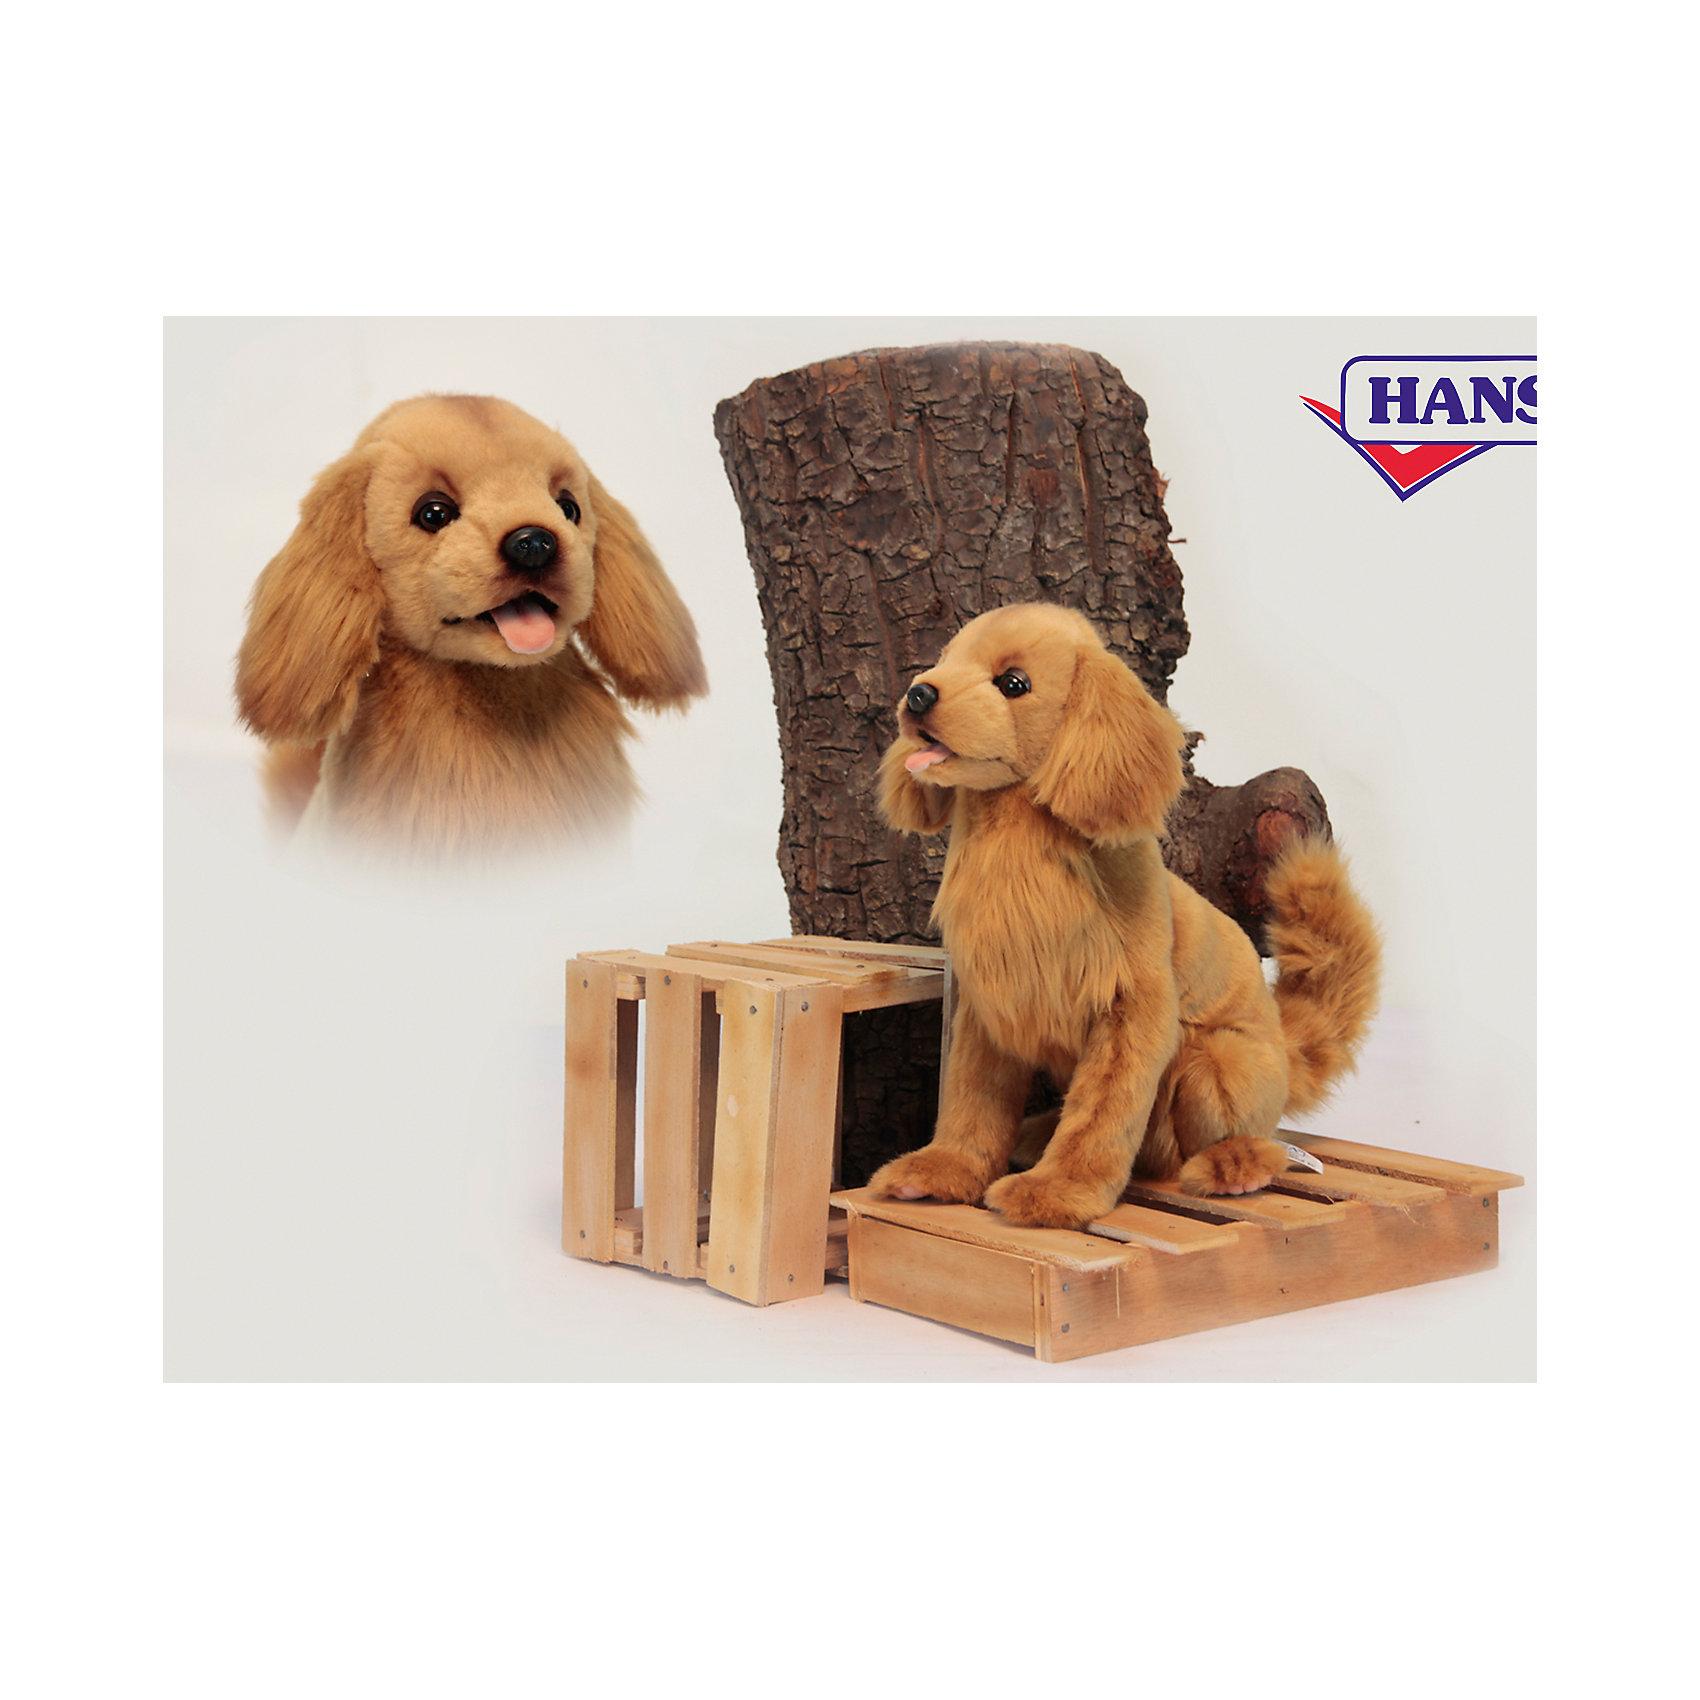 Золотистый ретривер (коричневый), 28 смЗолотистый  ретривер (коричневый), 28 см – игрушка от знаменитого бренда Hansa, специализирующегося на выпуске мягких игрушек с высокой степенью натуралистичности. Внешний вид игрушечной собаки полностью соответствует своему реальному прототипу – собаке породы Ретривер. Она выполнена из искусственного меха коричневого цвета с ворсом разной длины: уши, грудь и хвост – из длинного меха, туловище и голова – из короткого. Использованные материалы обладают гипоаллергенными свойствами. Внутри игрушки имеется металлический каркас, позволяющий изменять положение. <br>Игрушка относится к серии Домашние животные. <br>Мягкие игрушки от Hansa подходят для сюжетно-ролевых игр, для обучающих игр, направленных на знакомство с миром живой природы. Кроме того, их можно использовать в качестве интерьерных игрушек. Представленные у торгового бренда разнообразие игрушечных собак позволяет собрать свою коллекцию пород, которая будет радовать вашего ребенка долгое время, так как ручная работа и качественные материалы гарантируют их долговечность и прочность.<br><br>Дополнительная информация:<br><br>- Вид игр: сюжетно-ролевые игры, коллекционирование, интерьерные игрушки<br>- Предназначение: для дома, для детских развивающих центров, для детских садов<br>- Материал: искусственный мех, наполнитель ? полиэфирное волокно<br>- Размер (ДхШхВ): 28*14*25 см<br>- Вес: 570 г<br>- Особенности ухода: сухая чистка при помощи пылесоса или щетки для одежды<br><br>Подробнее:<br><br>• Для детей в возрасте: от 3 лет <br>• Страна производитель: Филиппины<br>• Торговый бренд: Hansa<br><br>Золотистого  ретривера (коричневый), 28 см можно купить в нашем интернет-магазине.<br><br>Ширина мм: 28<br>Глубина мм: 14<br>Высота мм: 25<br>Вес г: 570<br>Возраст от месяцев: 36<br>Возраст до месяцев: 2147483647<br>Пол: Унисекс<br>Возраст: Детский<br>SKU: 4927226